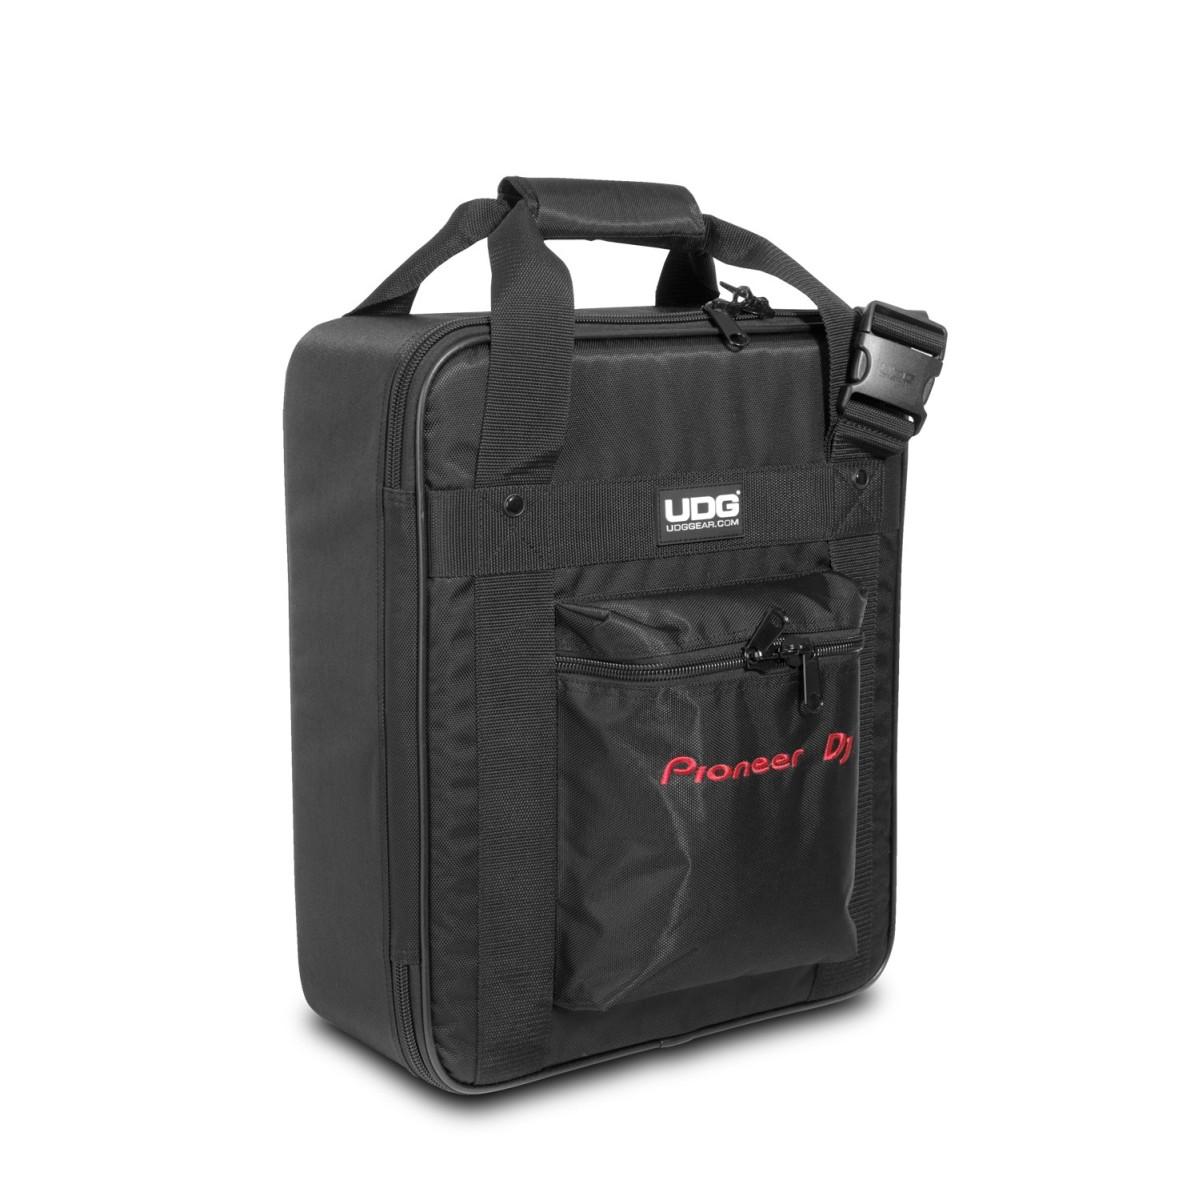 UDG Pioneer CD Player Mixer Bag Large MK2 U9017BL